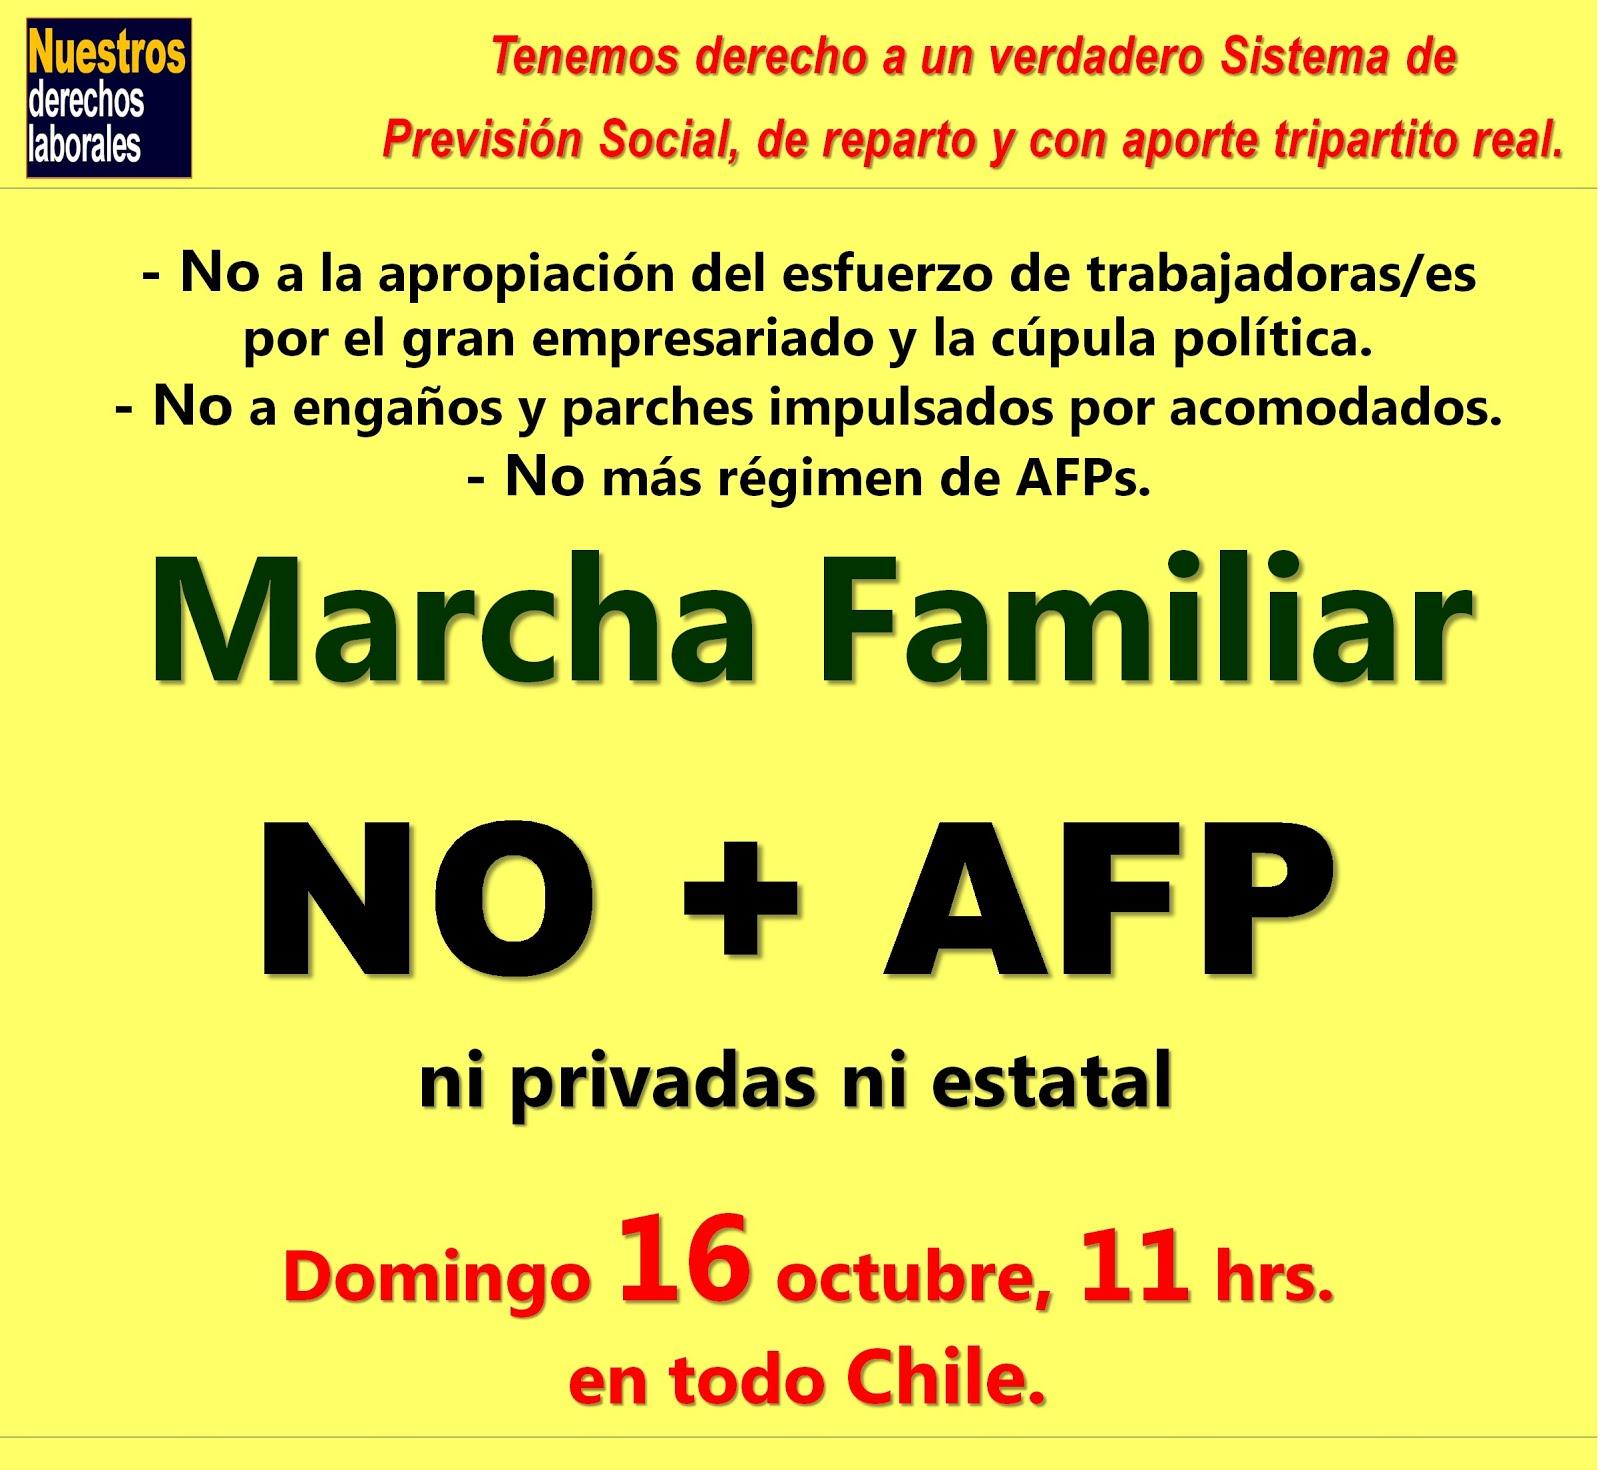 Los derechos hay que conquistarlos. Domingo 16 de octubre, Marcha Familiar NO MÁS AFPs.